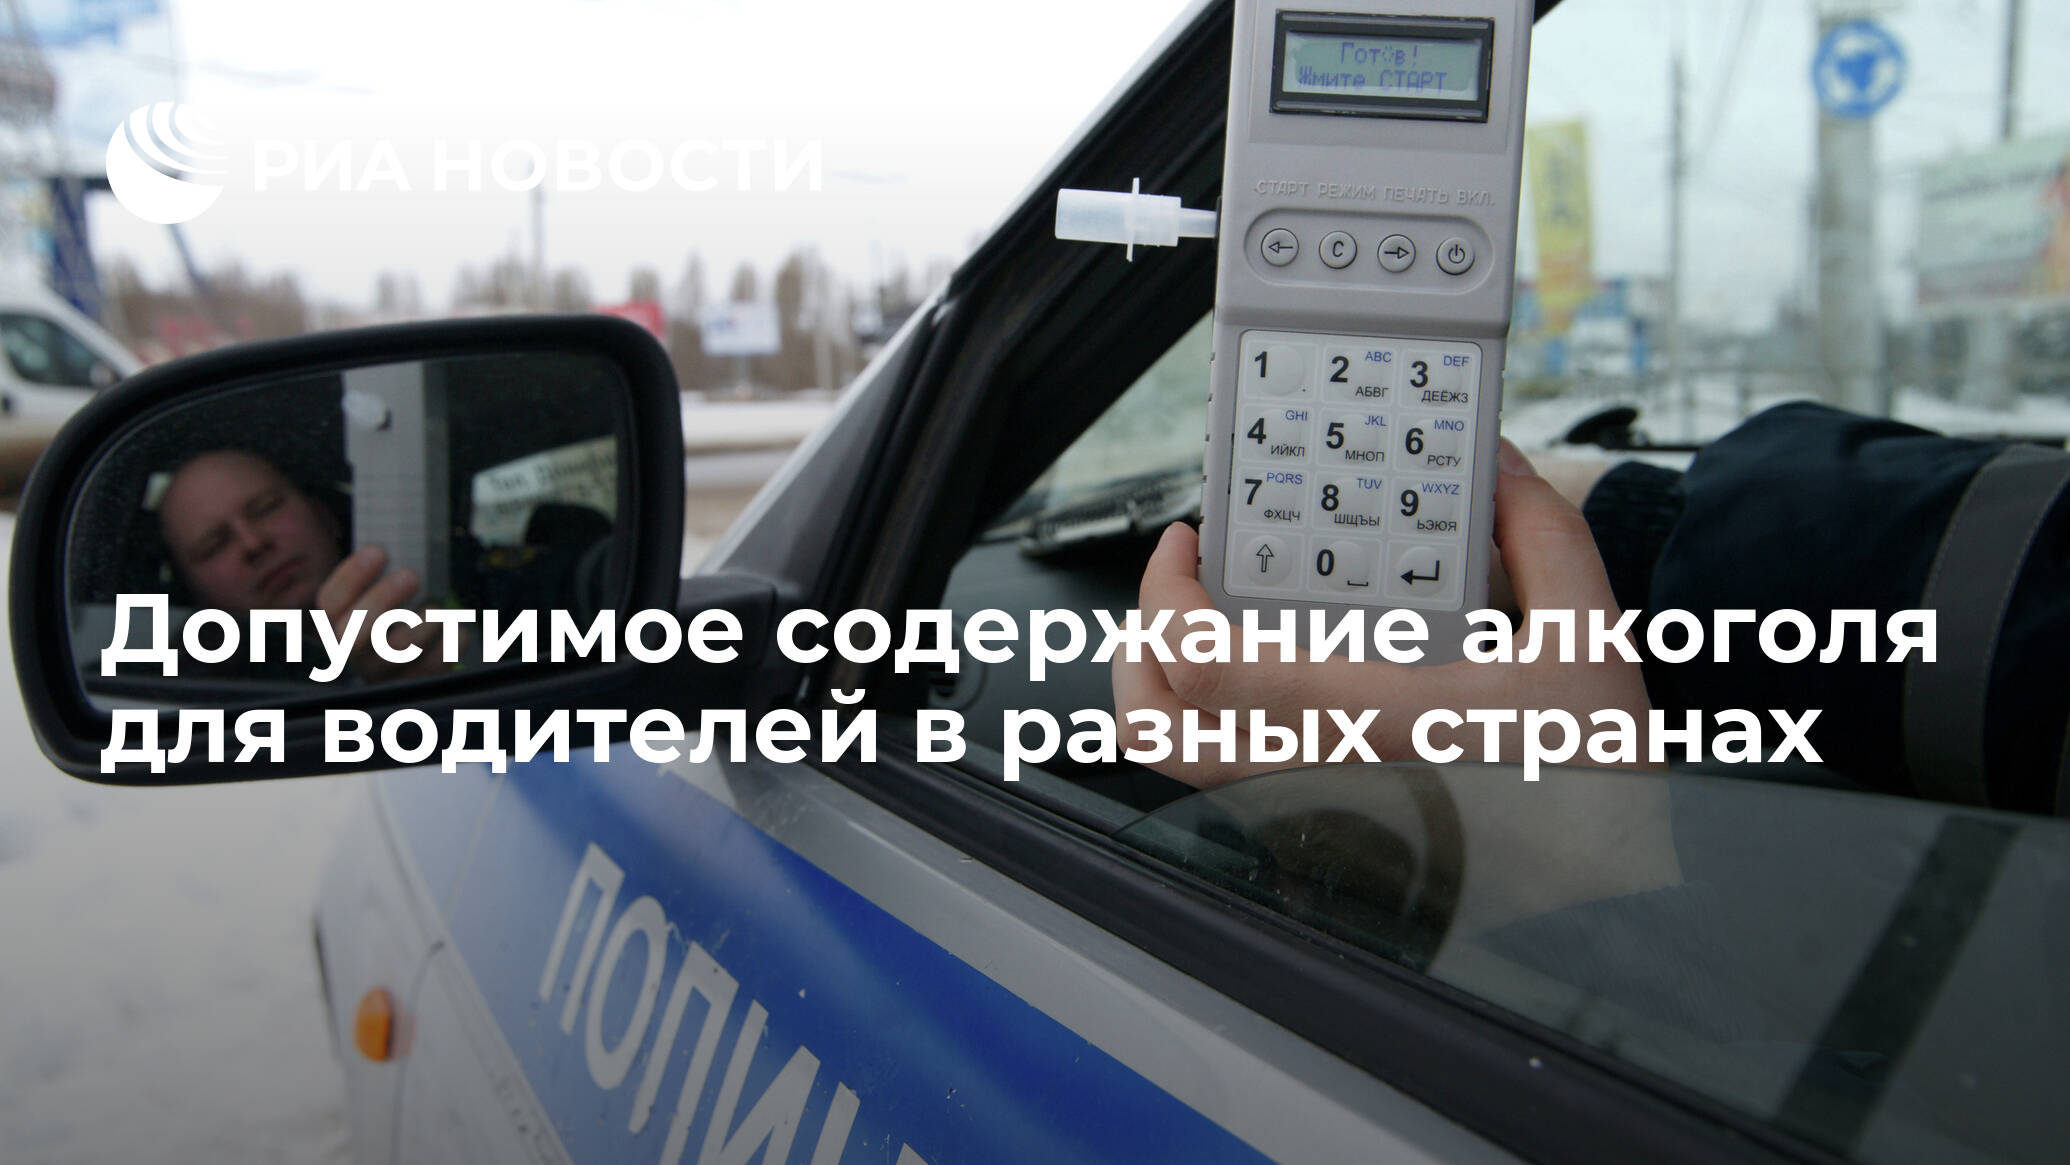 Императивные и диспозитивные нормы в русском языке слова